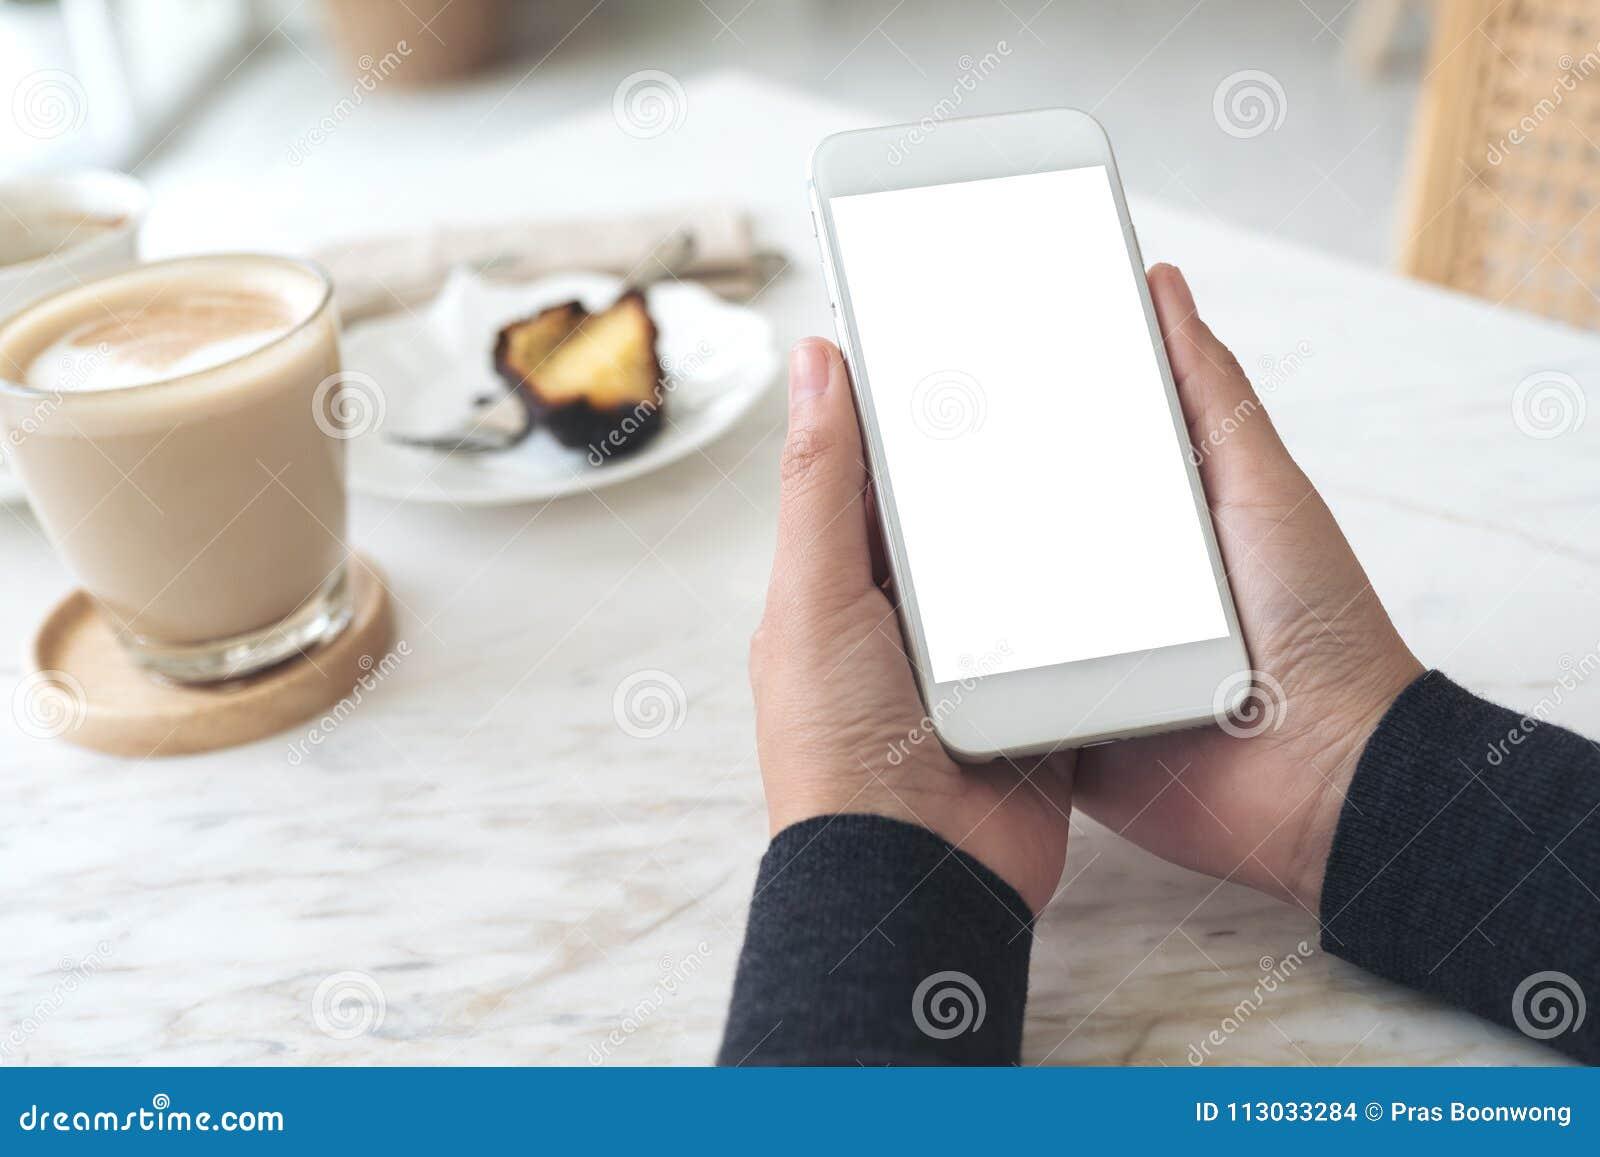 Manos que sostienen el teléfono móvil blanco con la pantalla en blanco con una taza de café y de bocado en la tabla en café